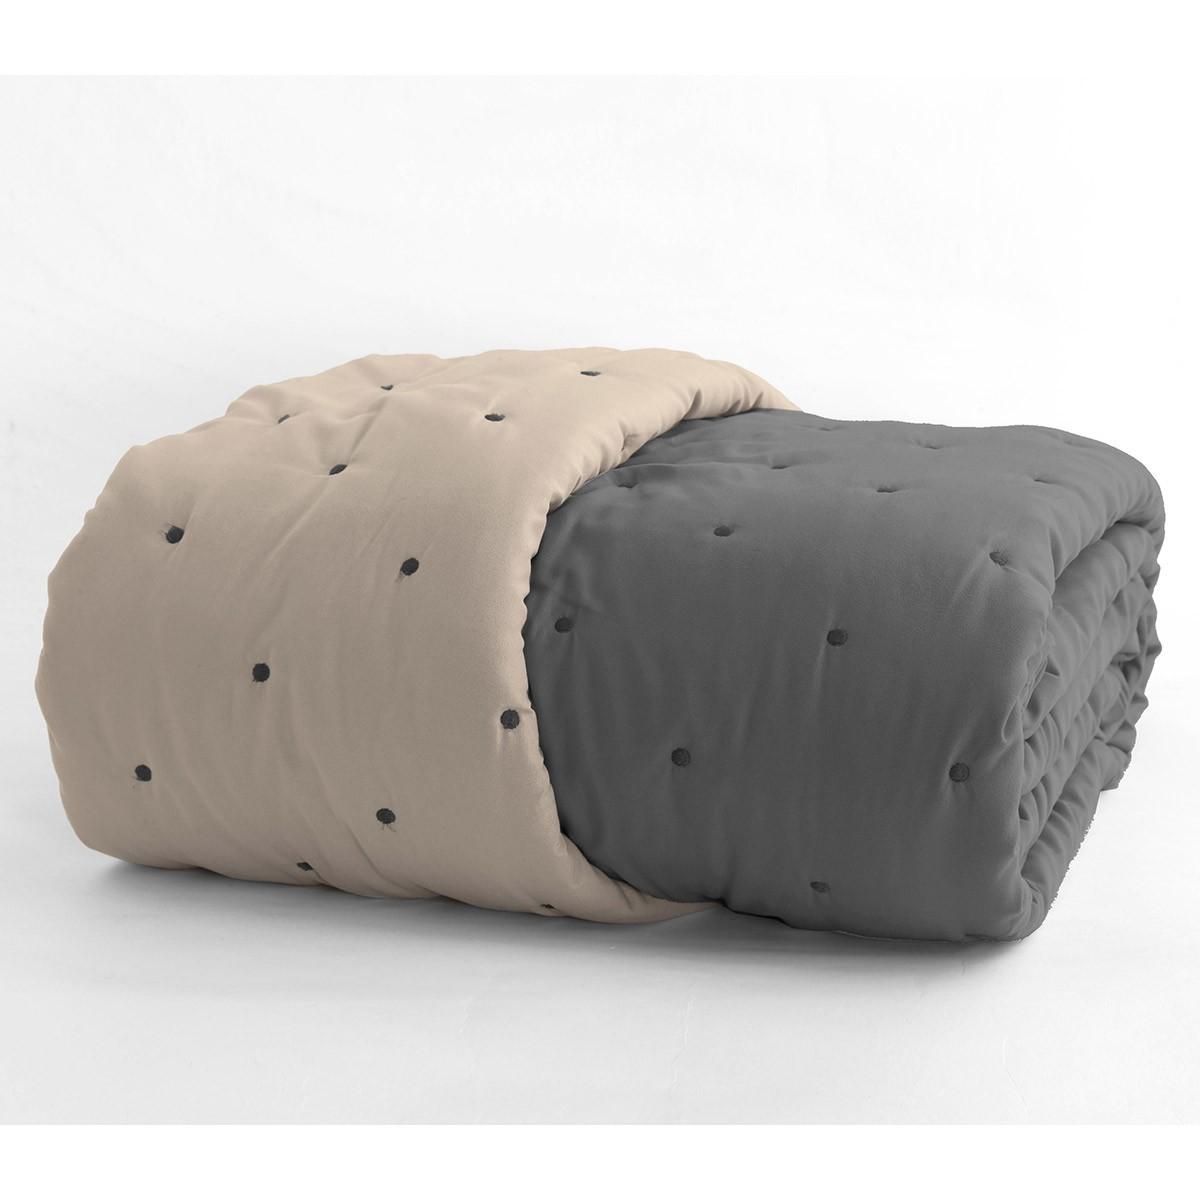 Κουβερλί Μονό 2 Όψεων Nef-Nef B-Color Grey/Beige